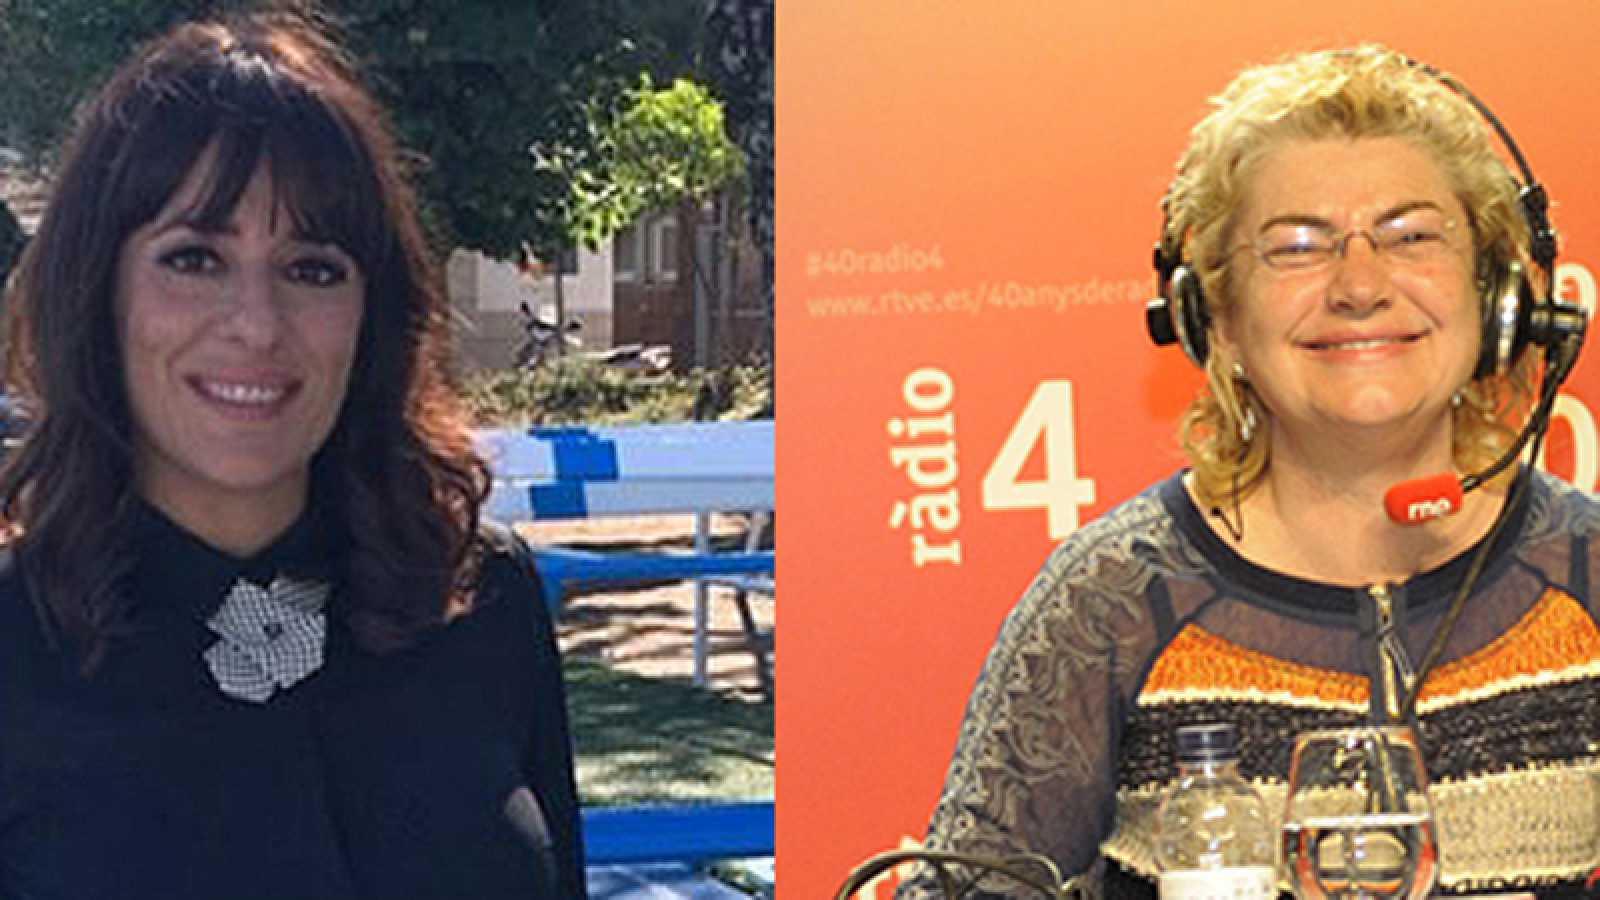 Alicia Gómez Sánchez y Rosa María Quitllet, nombramientos en RTVE Catalunya